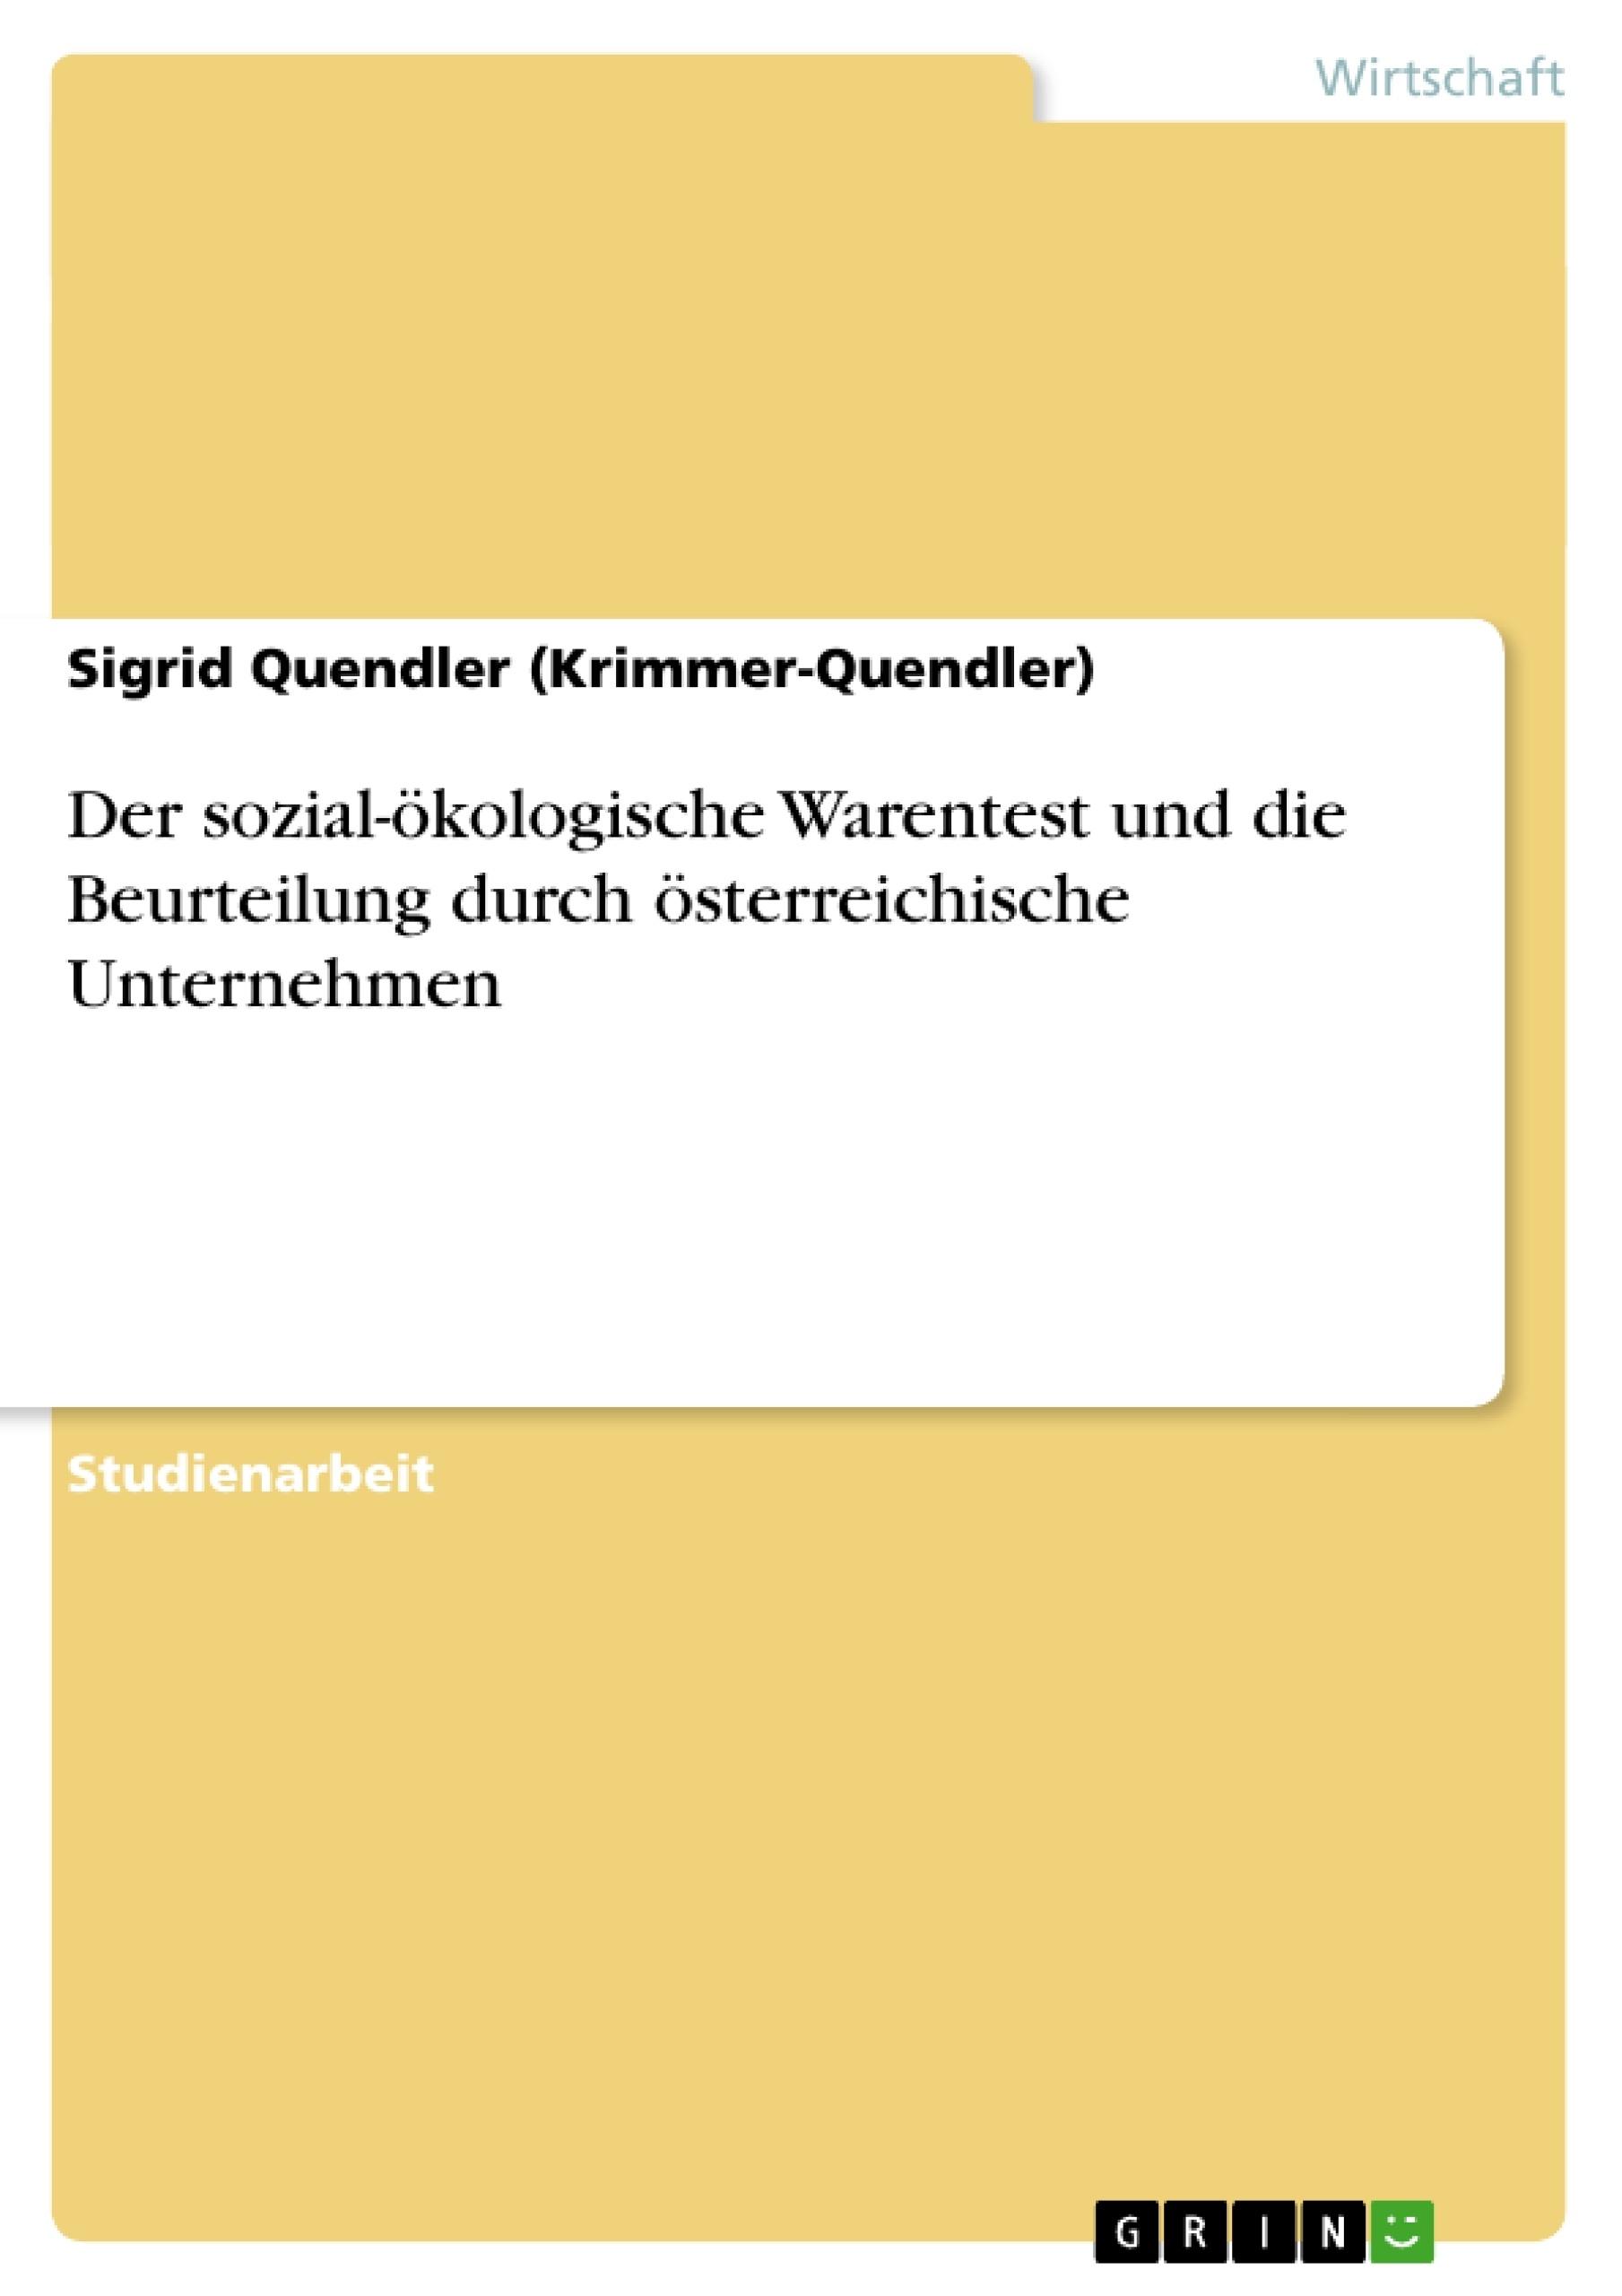 Titel: Der sozial-ökologische Warentest und die Beurteilung durch österreichische Unternehmen